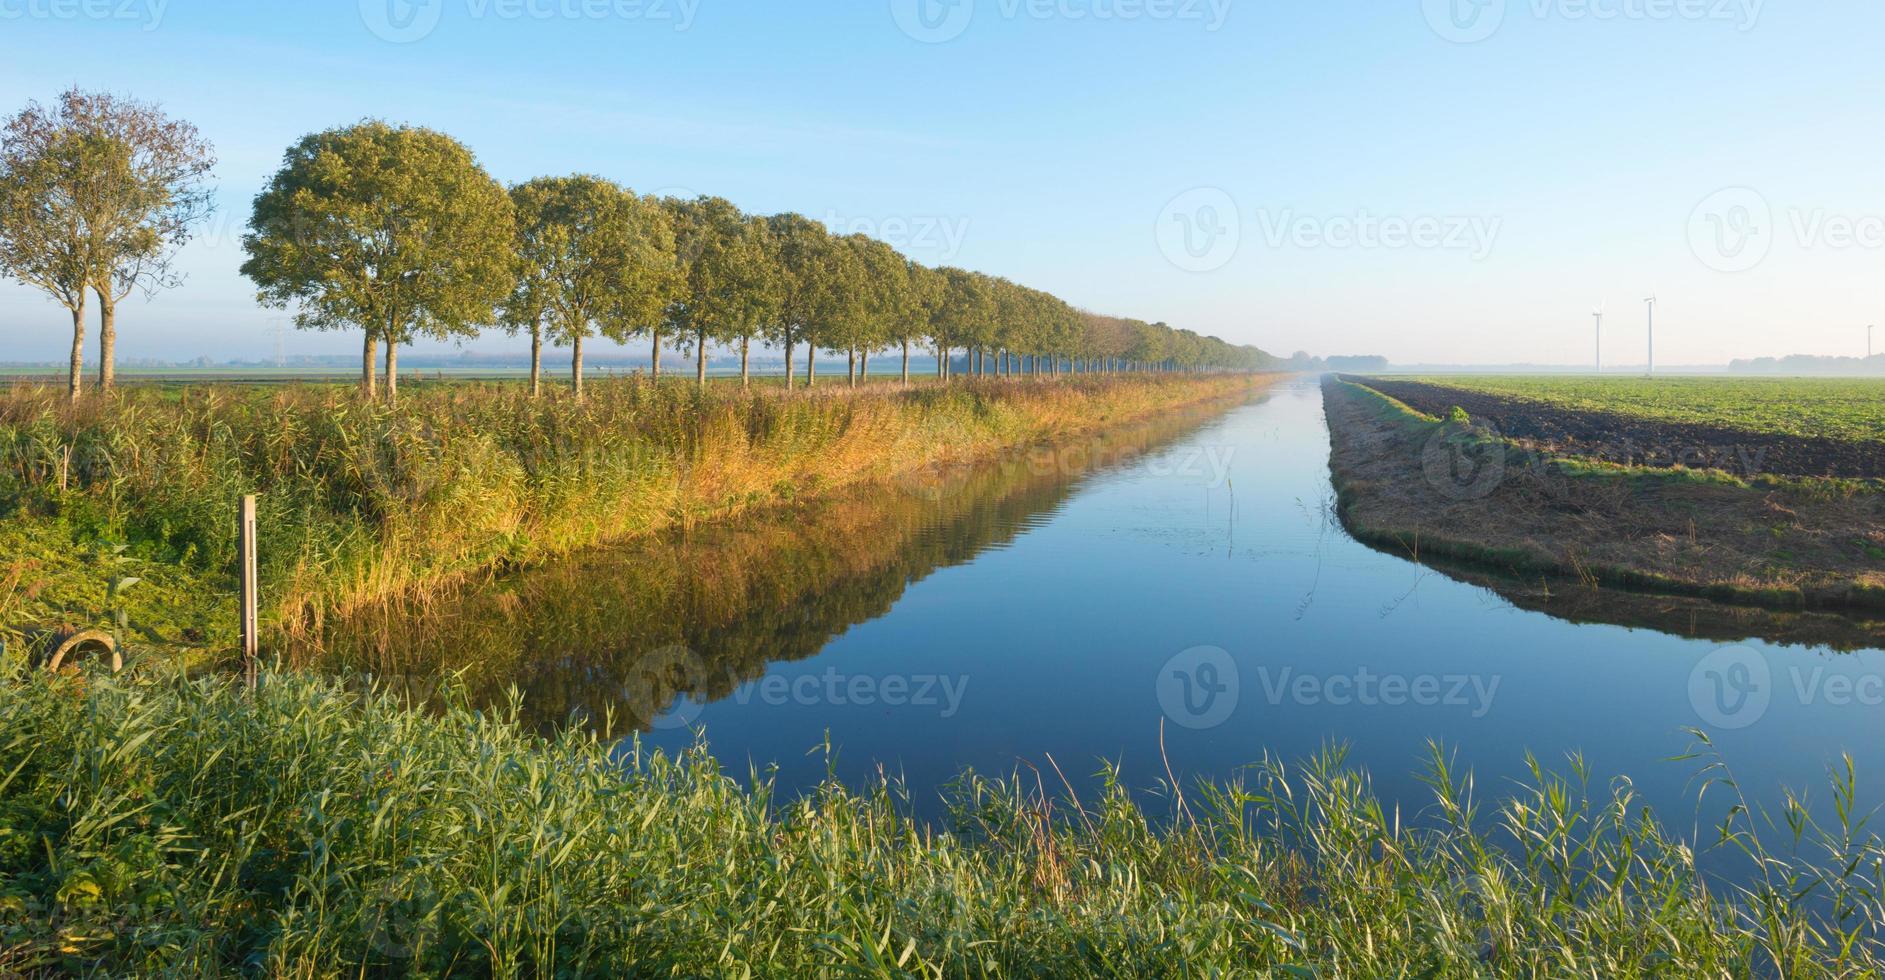 Kanal durch eine ländliche Landschaft foto